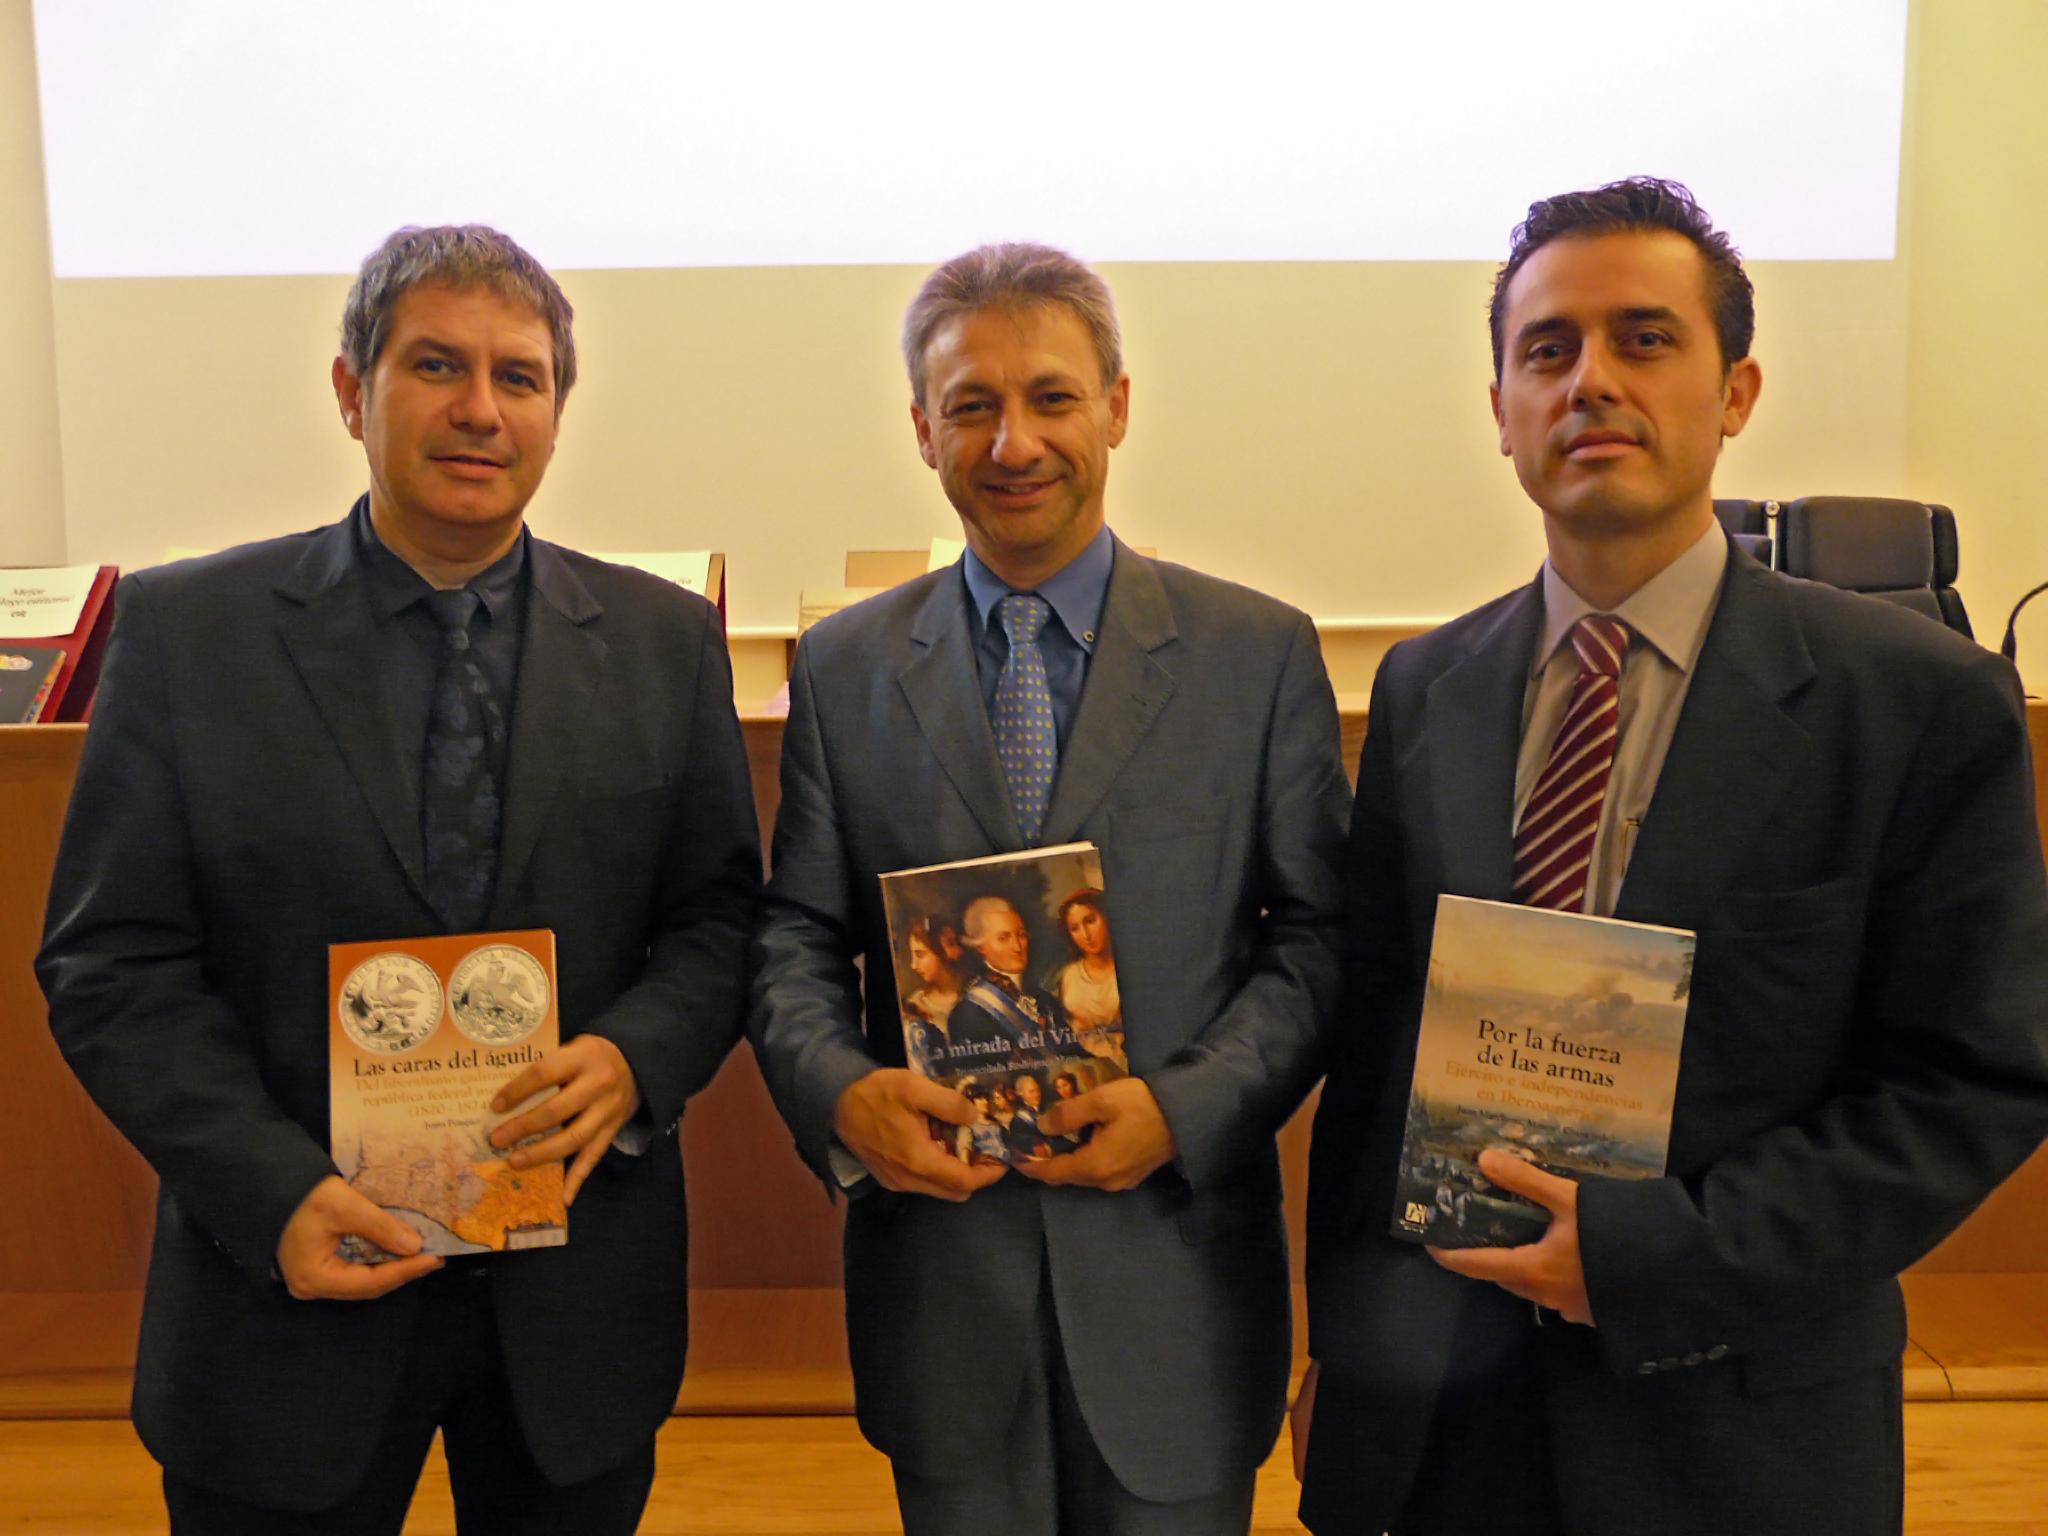 Foto dels tres representants de l'Universitat Jaume I en la recollida del premi. De dreta a esquerra Sr. Francisco Fernández, Sr. Francisco Toledo i Sr. Manuel Chust